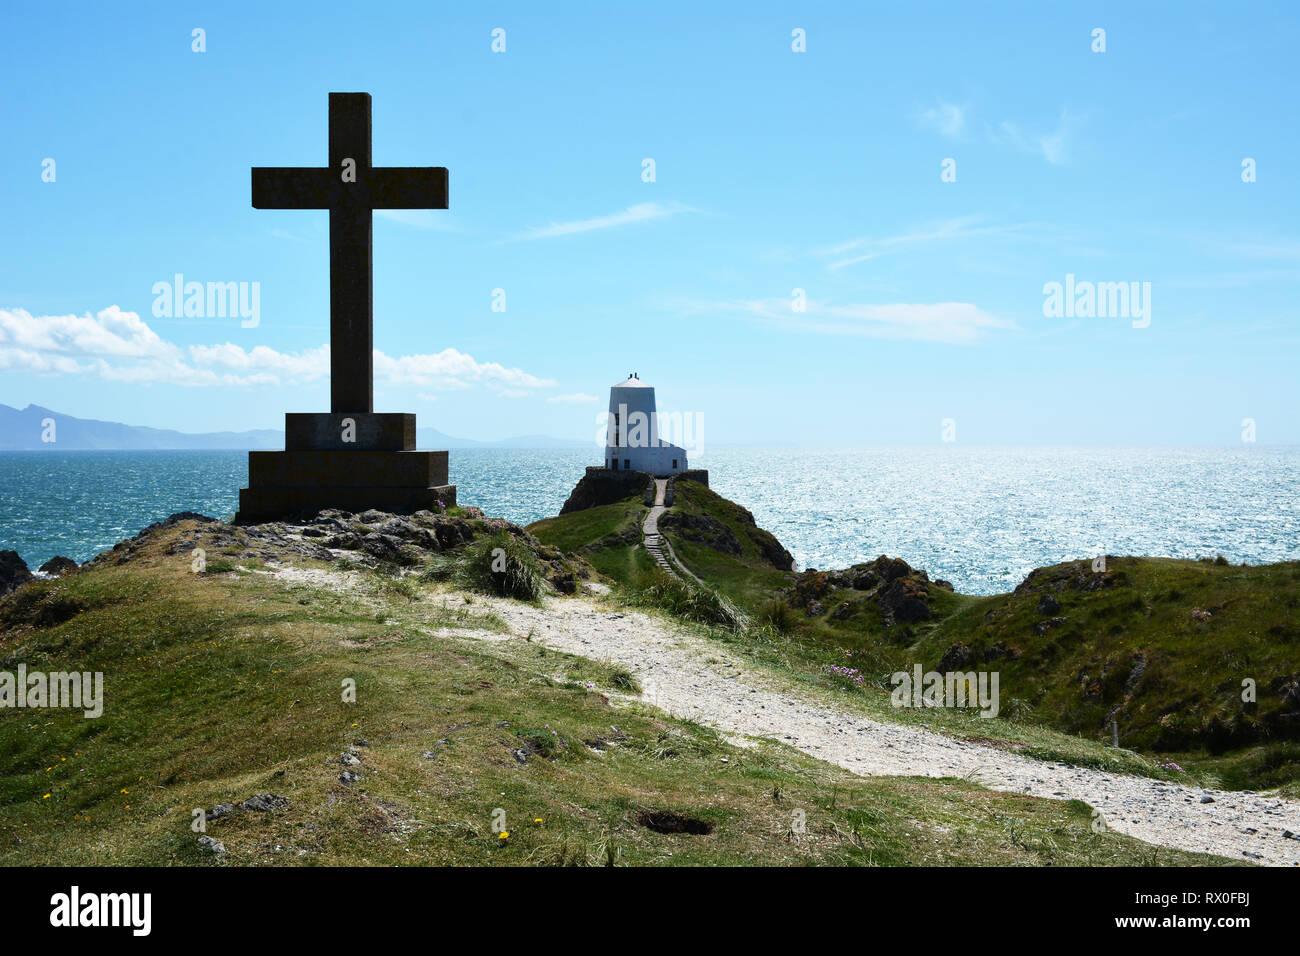 La cruz y Twr Mawr faro en Llanddwyn isla frente a la costa sur oeste de Anglesey en el norte de Gales. Foto de stock